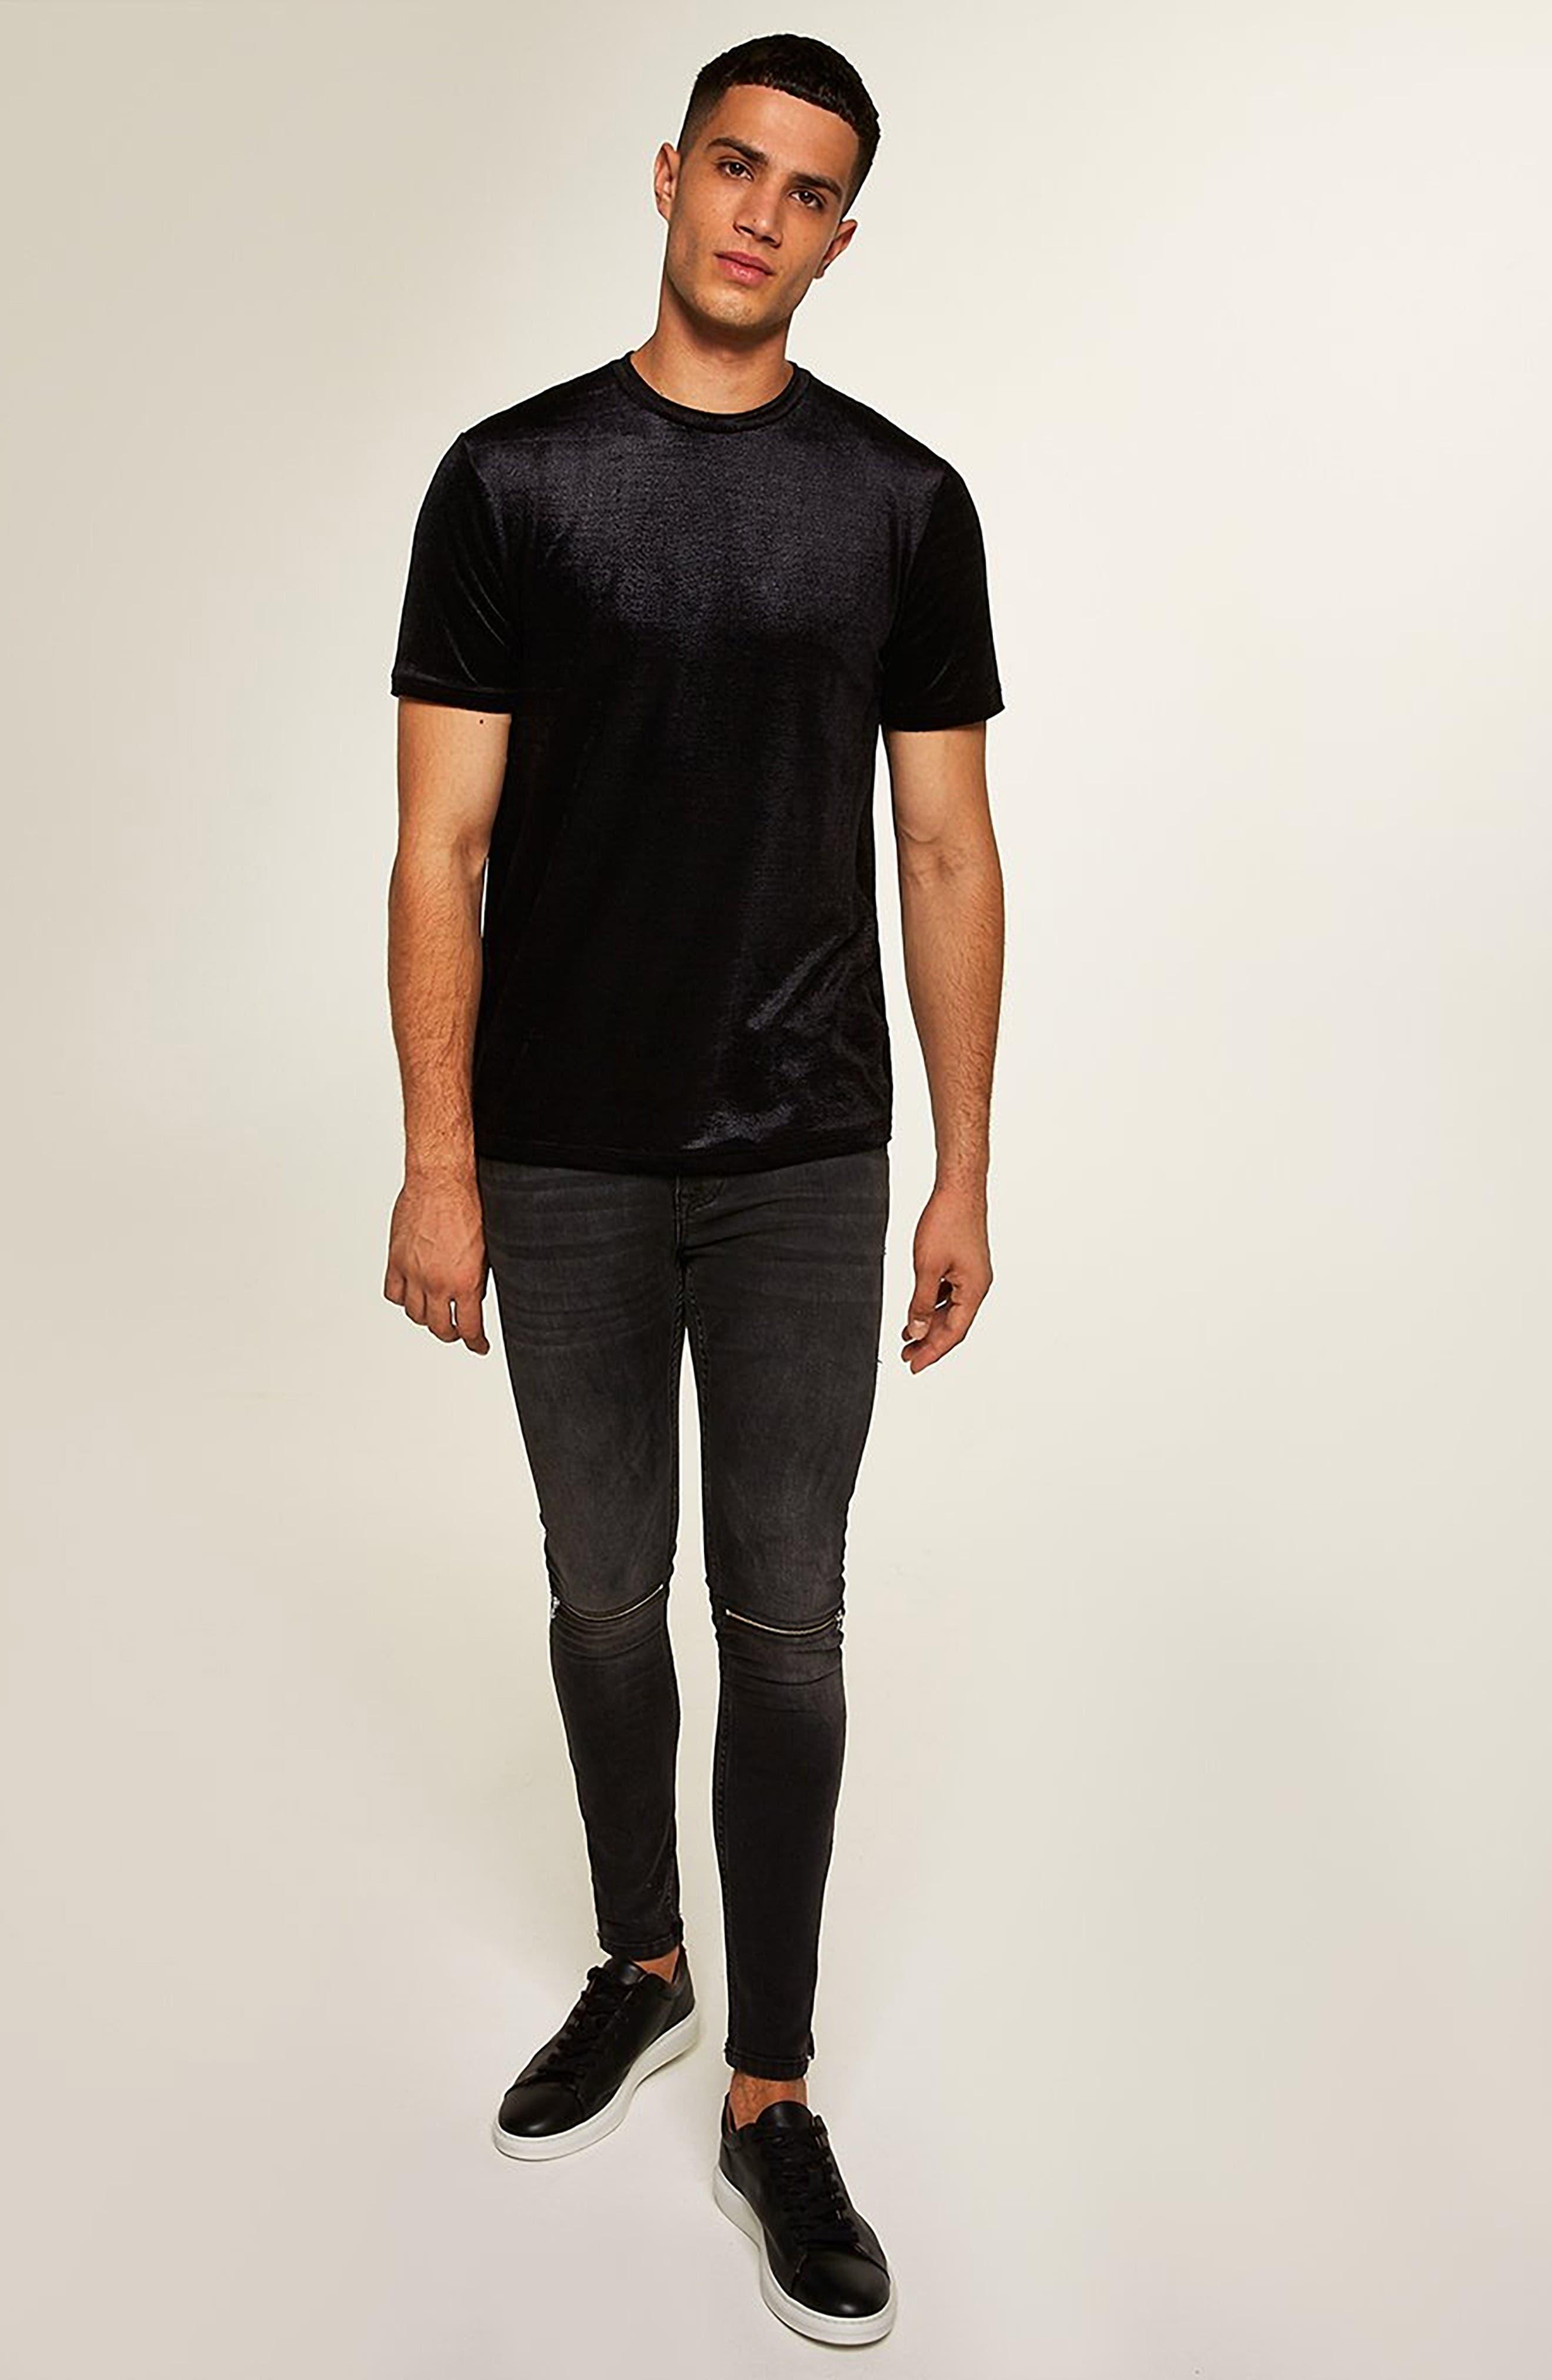 Topshop Velour Classic Fit T-Shirt,                             Alternate thumbnail 5, color,                             001